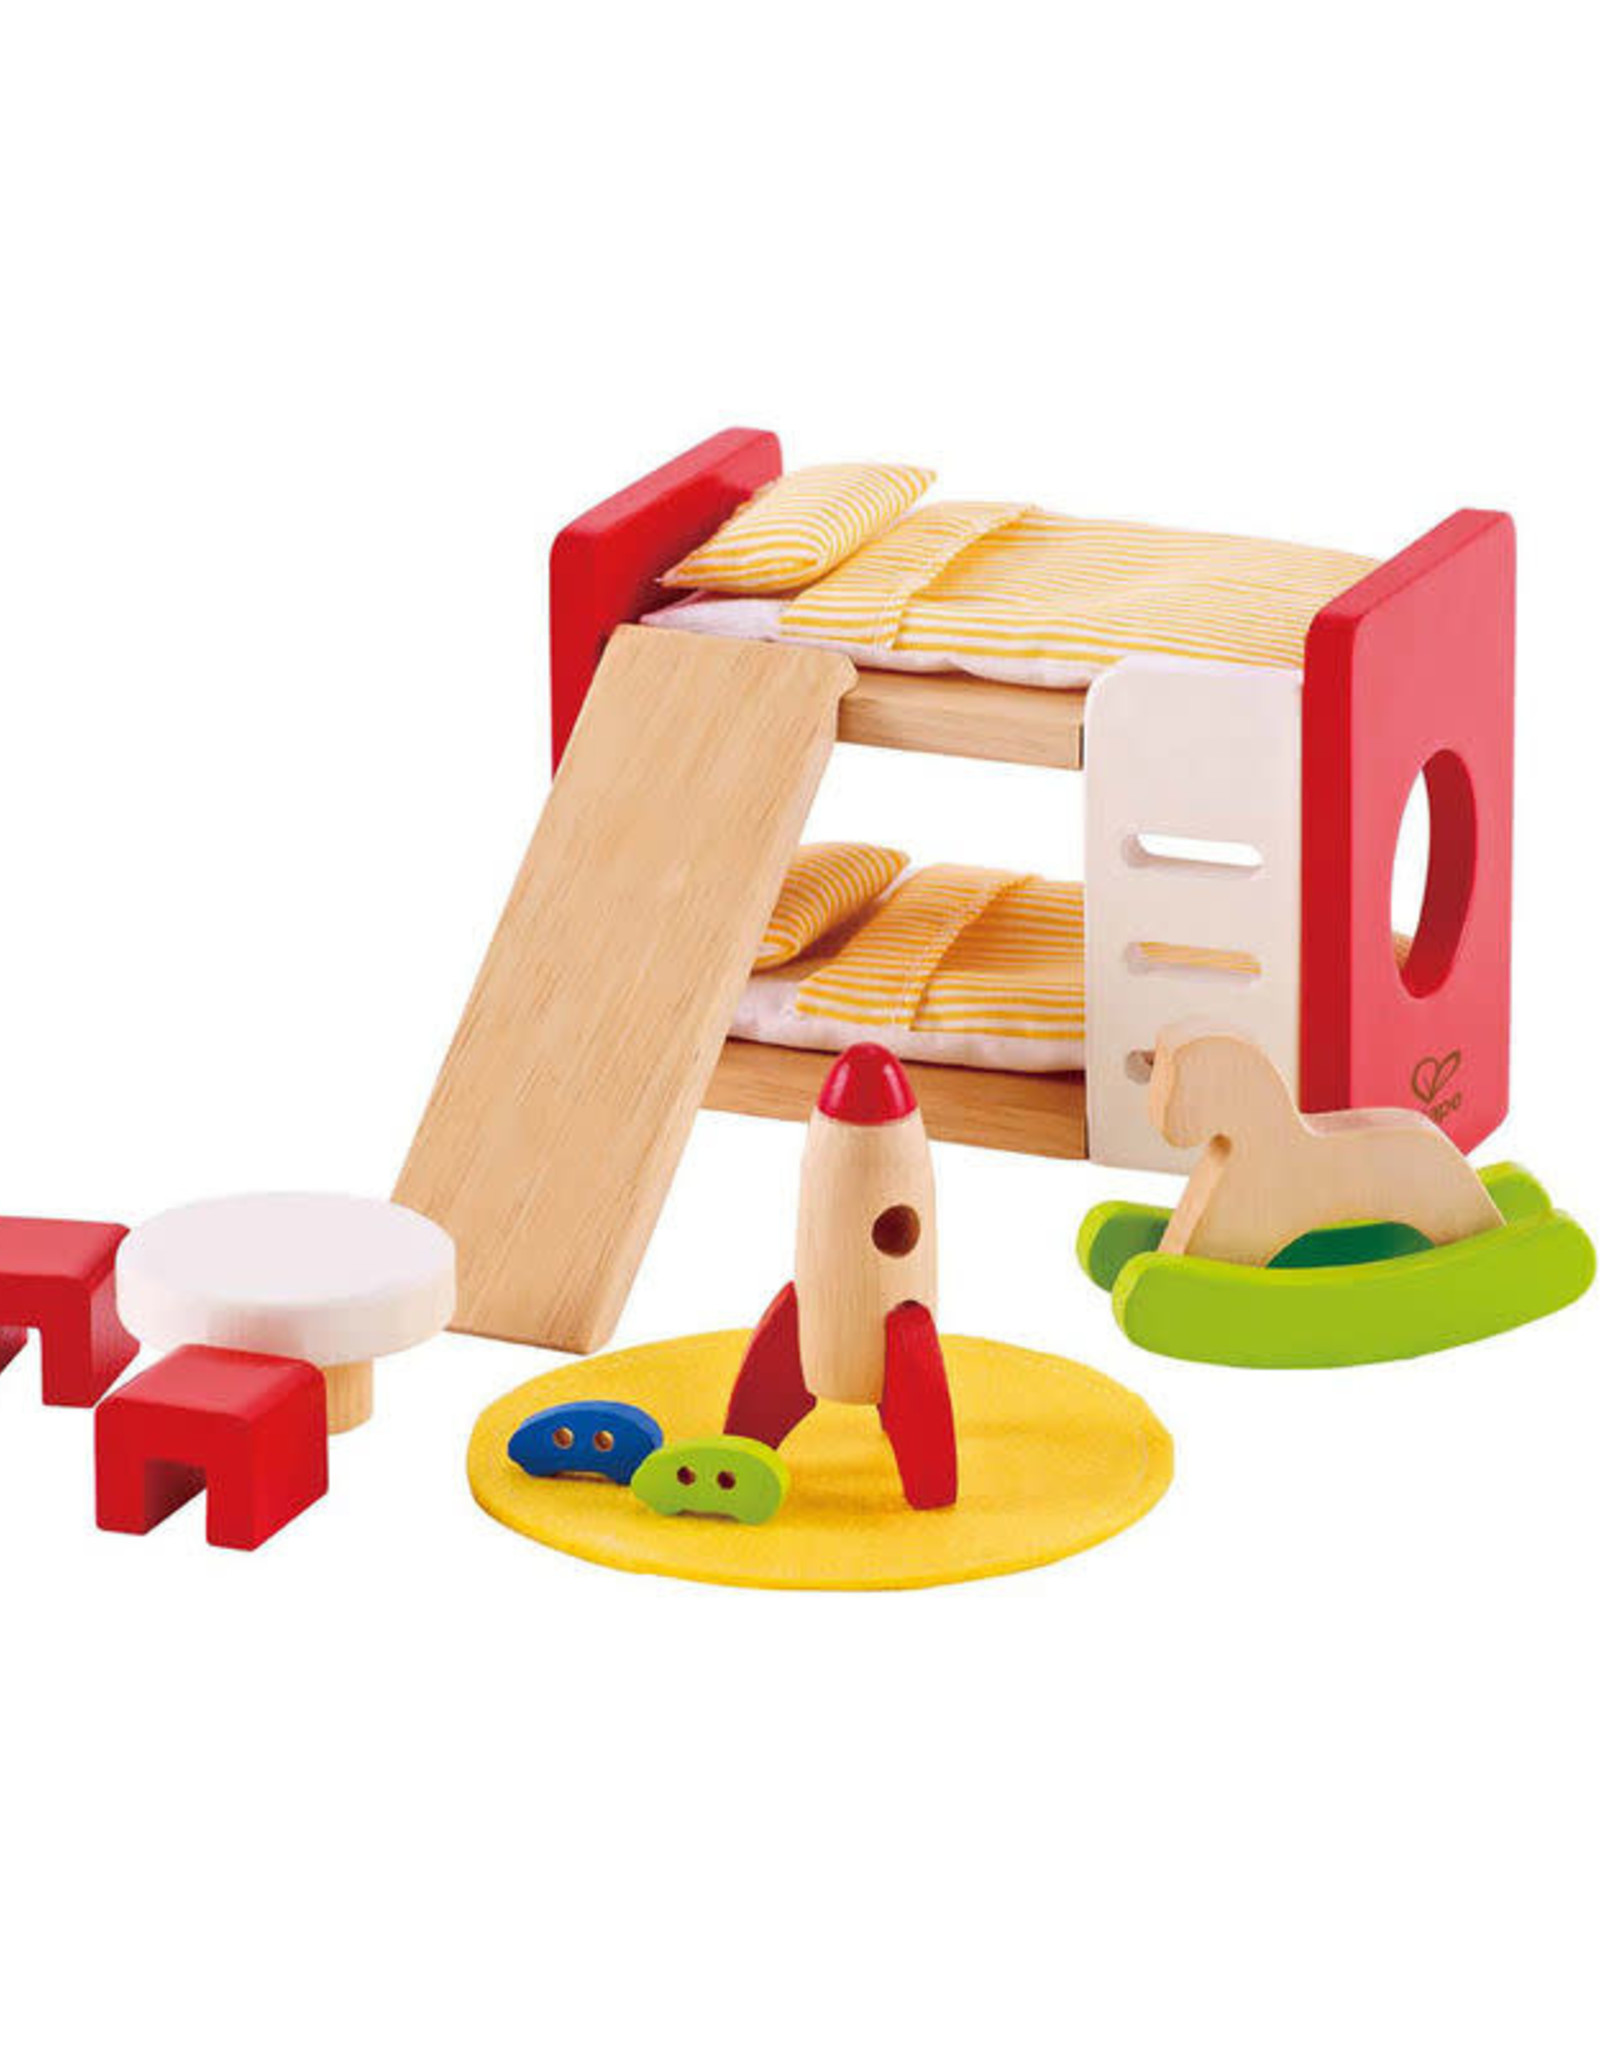 Hape Children's Room Doll House